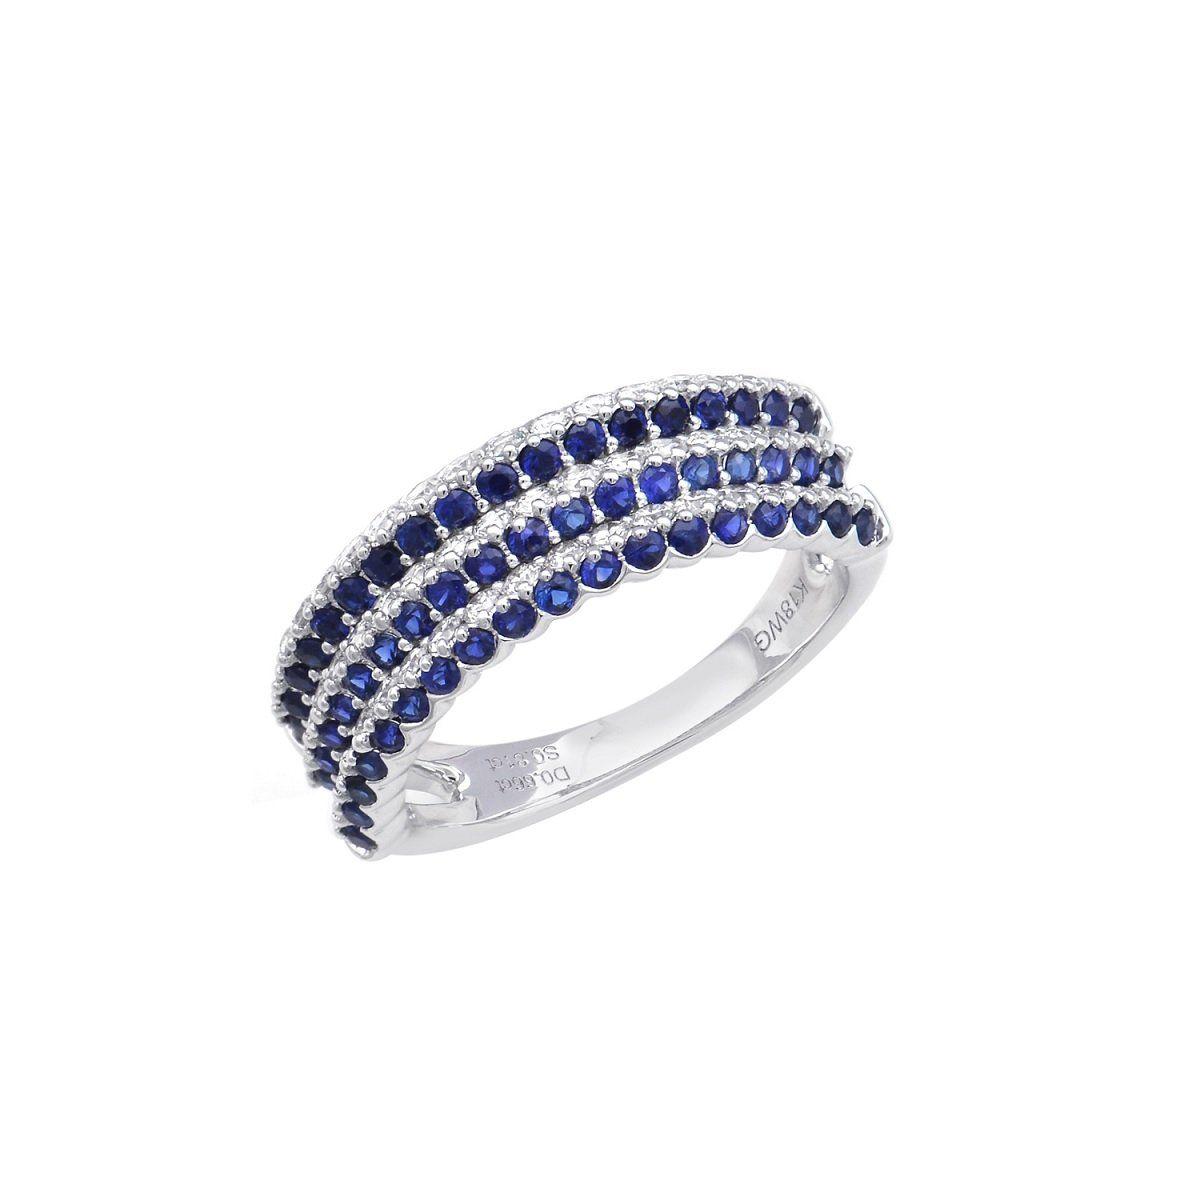 K18WG ファッション通販 ダイヤ サファイヤ リング ホワイトゴールド 新作続 ダイヤモンド パーティー 18金 サファイア サファイア0.81ct 鑑別書あり ダイヤ0.66ct 指輪